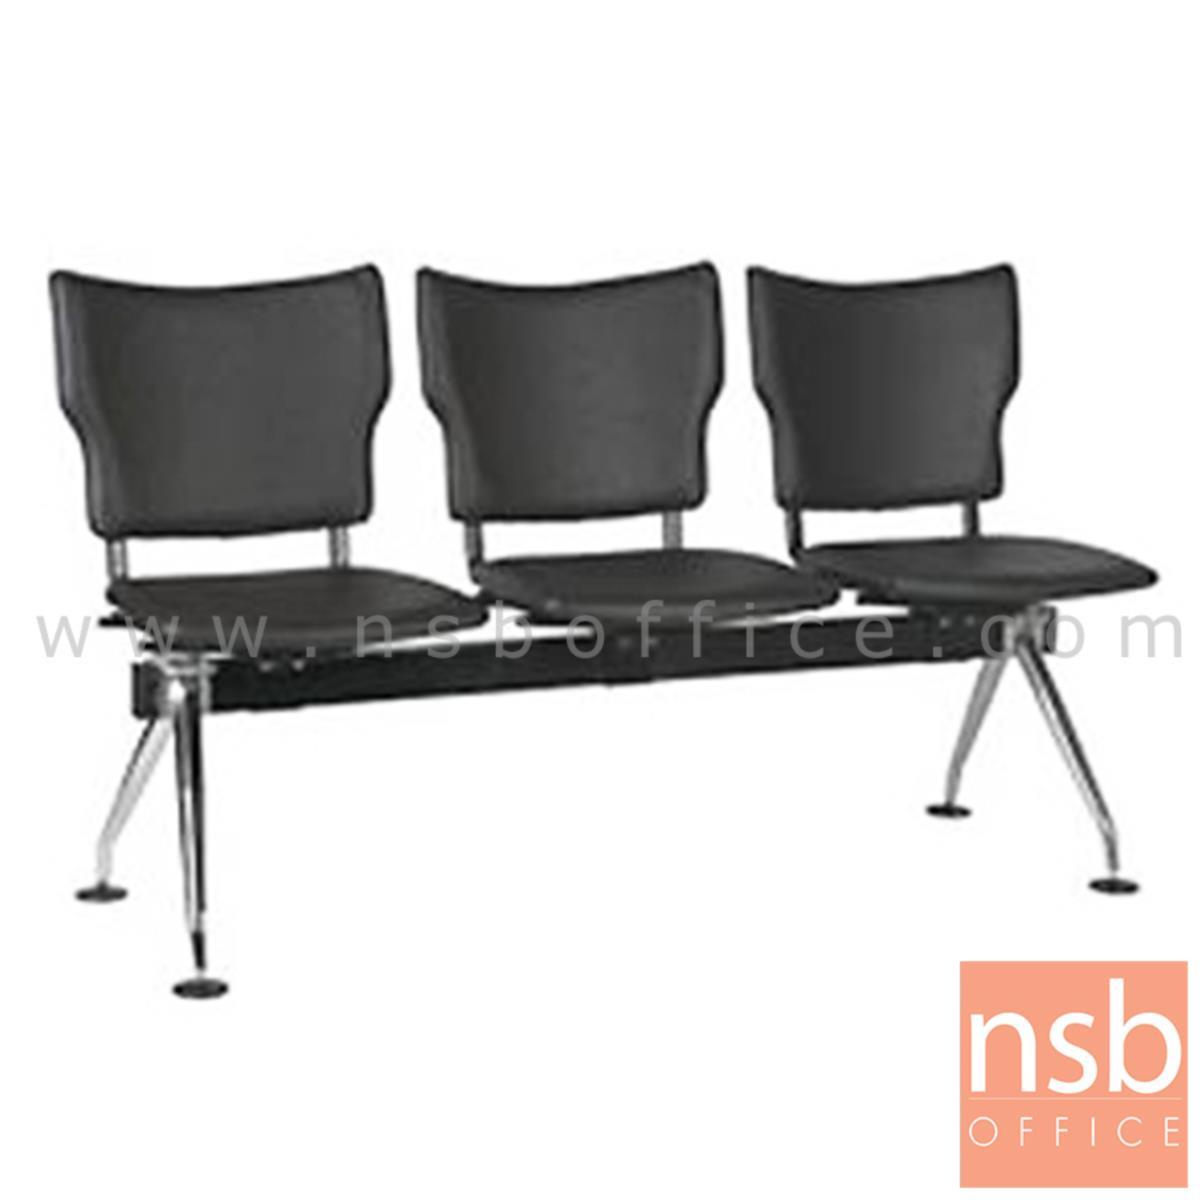 B06A087:เก้าอี้นั่งคอย รุ่น NSB-538S 2 ,3 ,4 ที่นั่ง ขนาด 100W ,150W ,202W cm. ขาเหล็ก